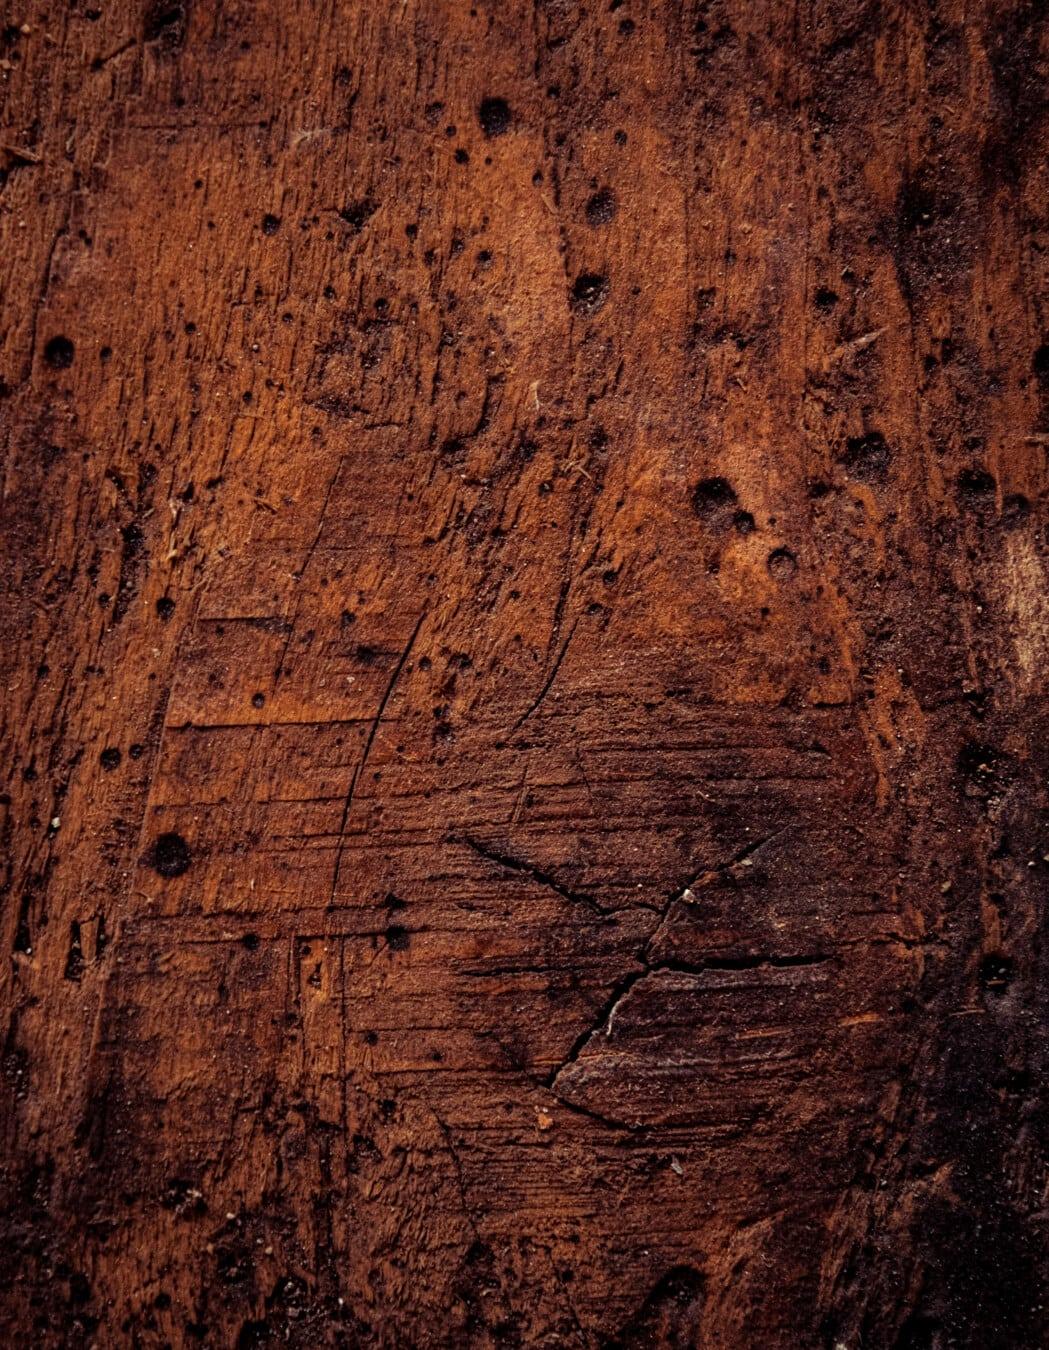 planche, textile, brun, bois franc, nœud, poussière, tache, sale, surface, vintage